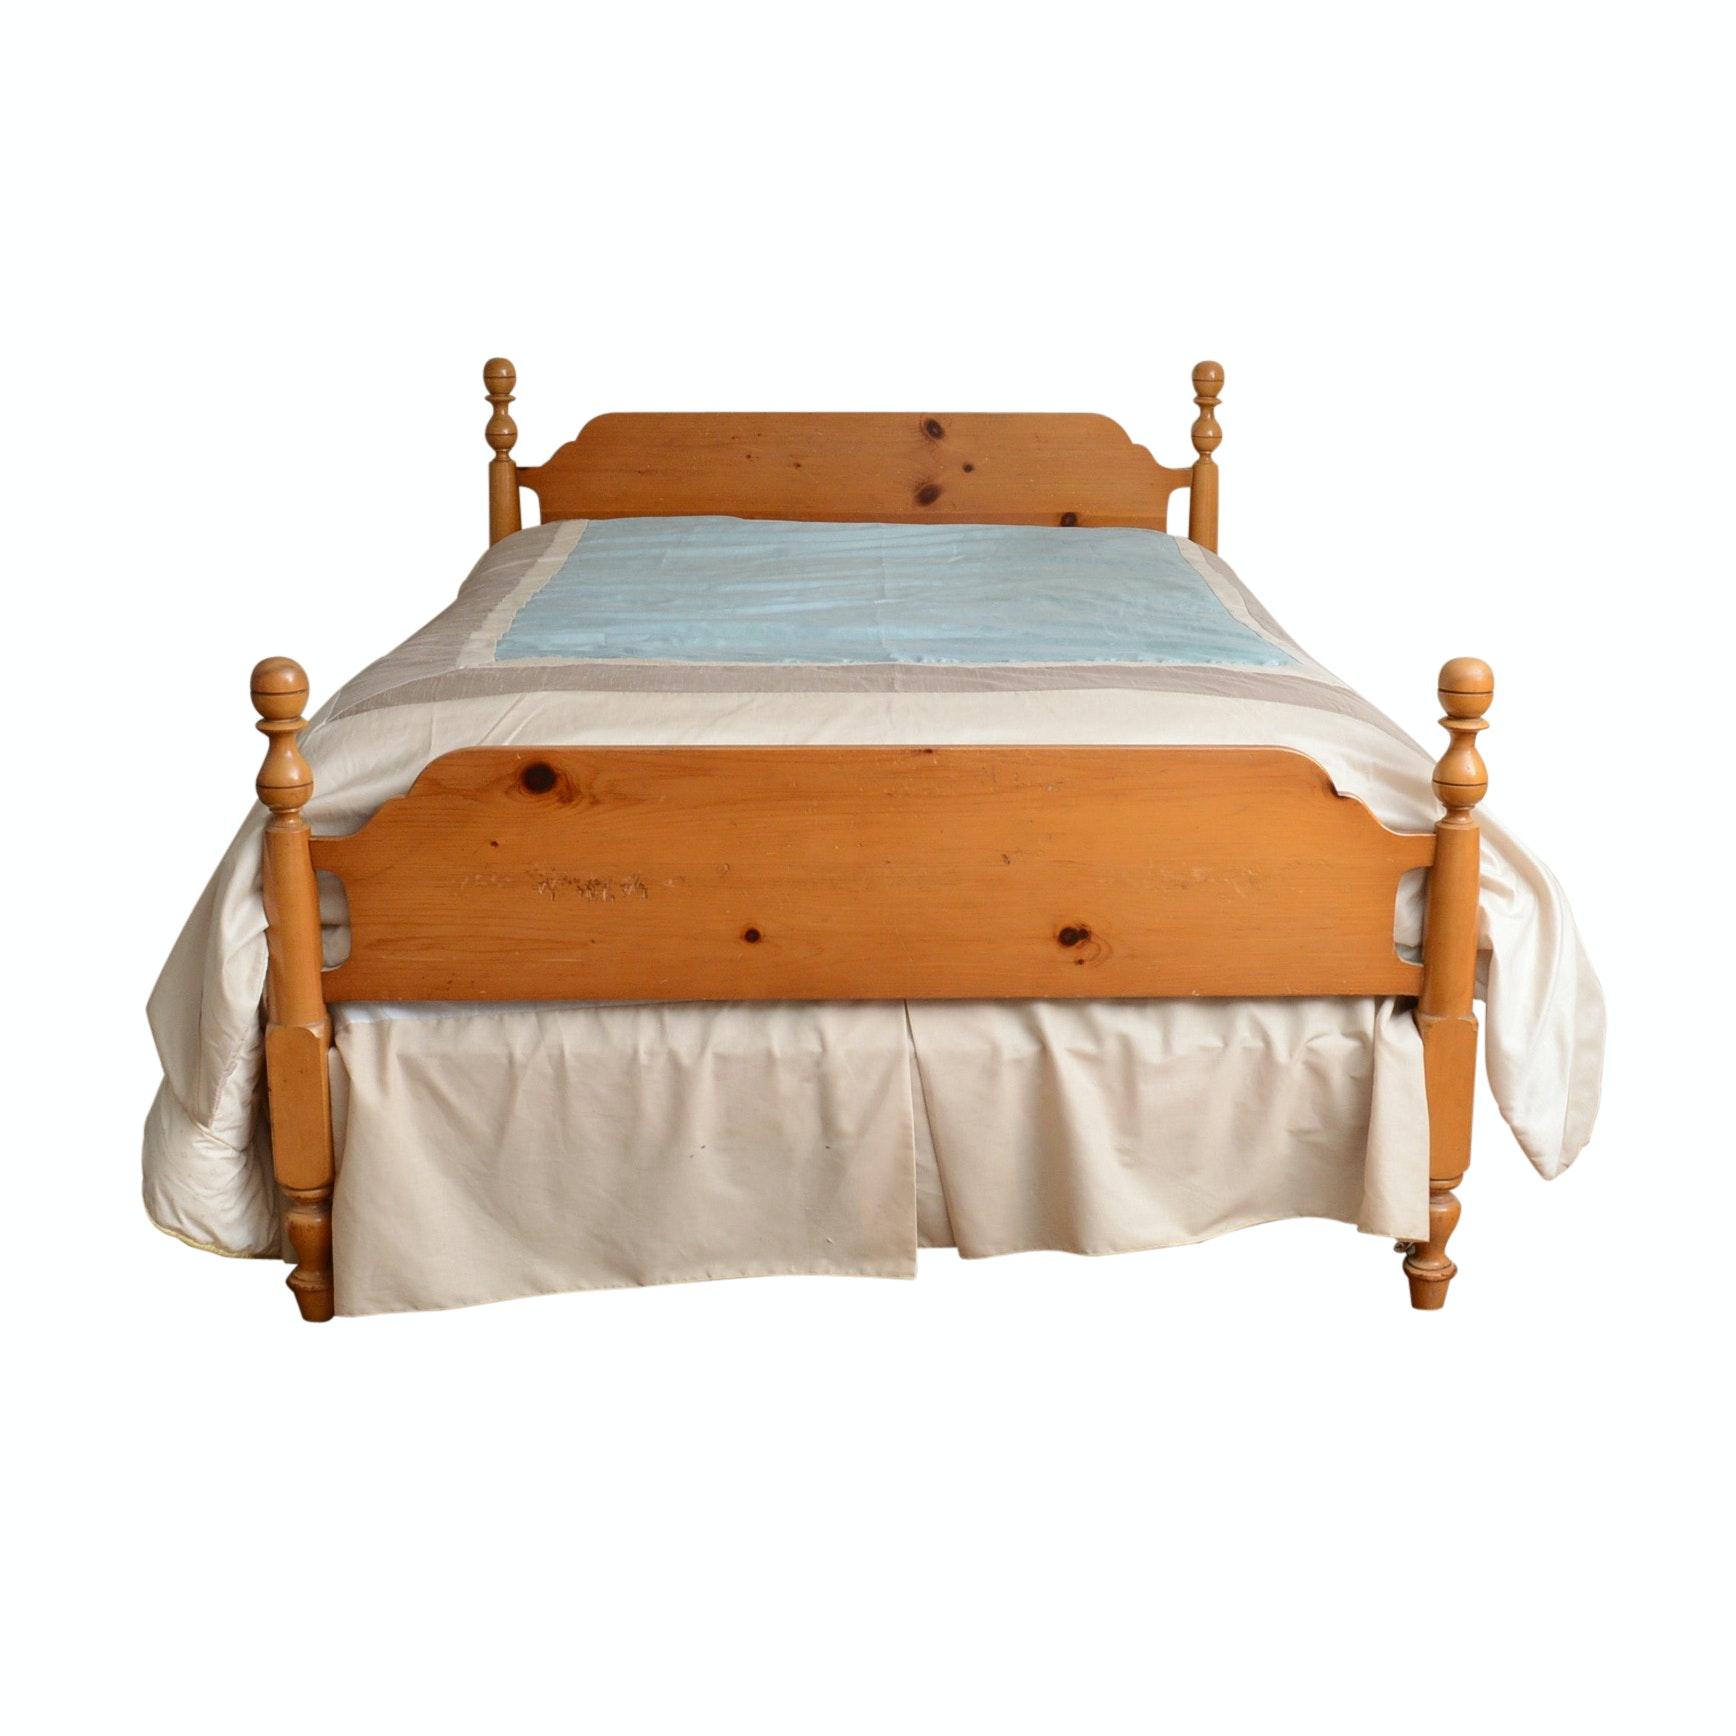 Vintage Pine Wood Bed Frame (Full)